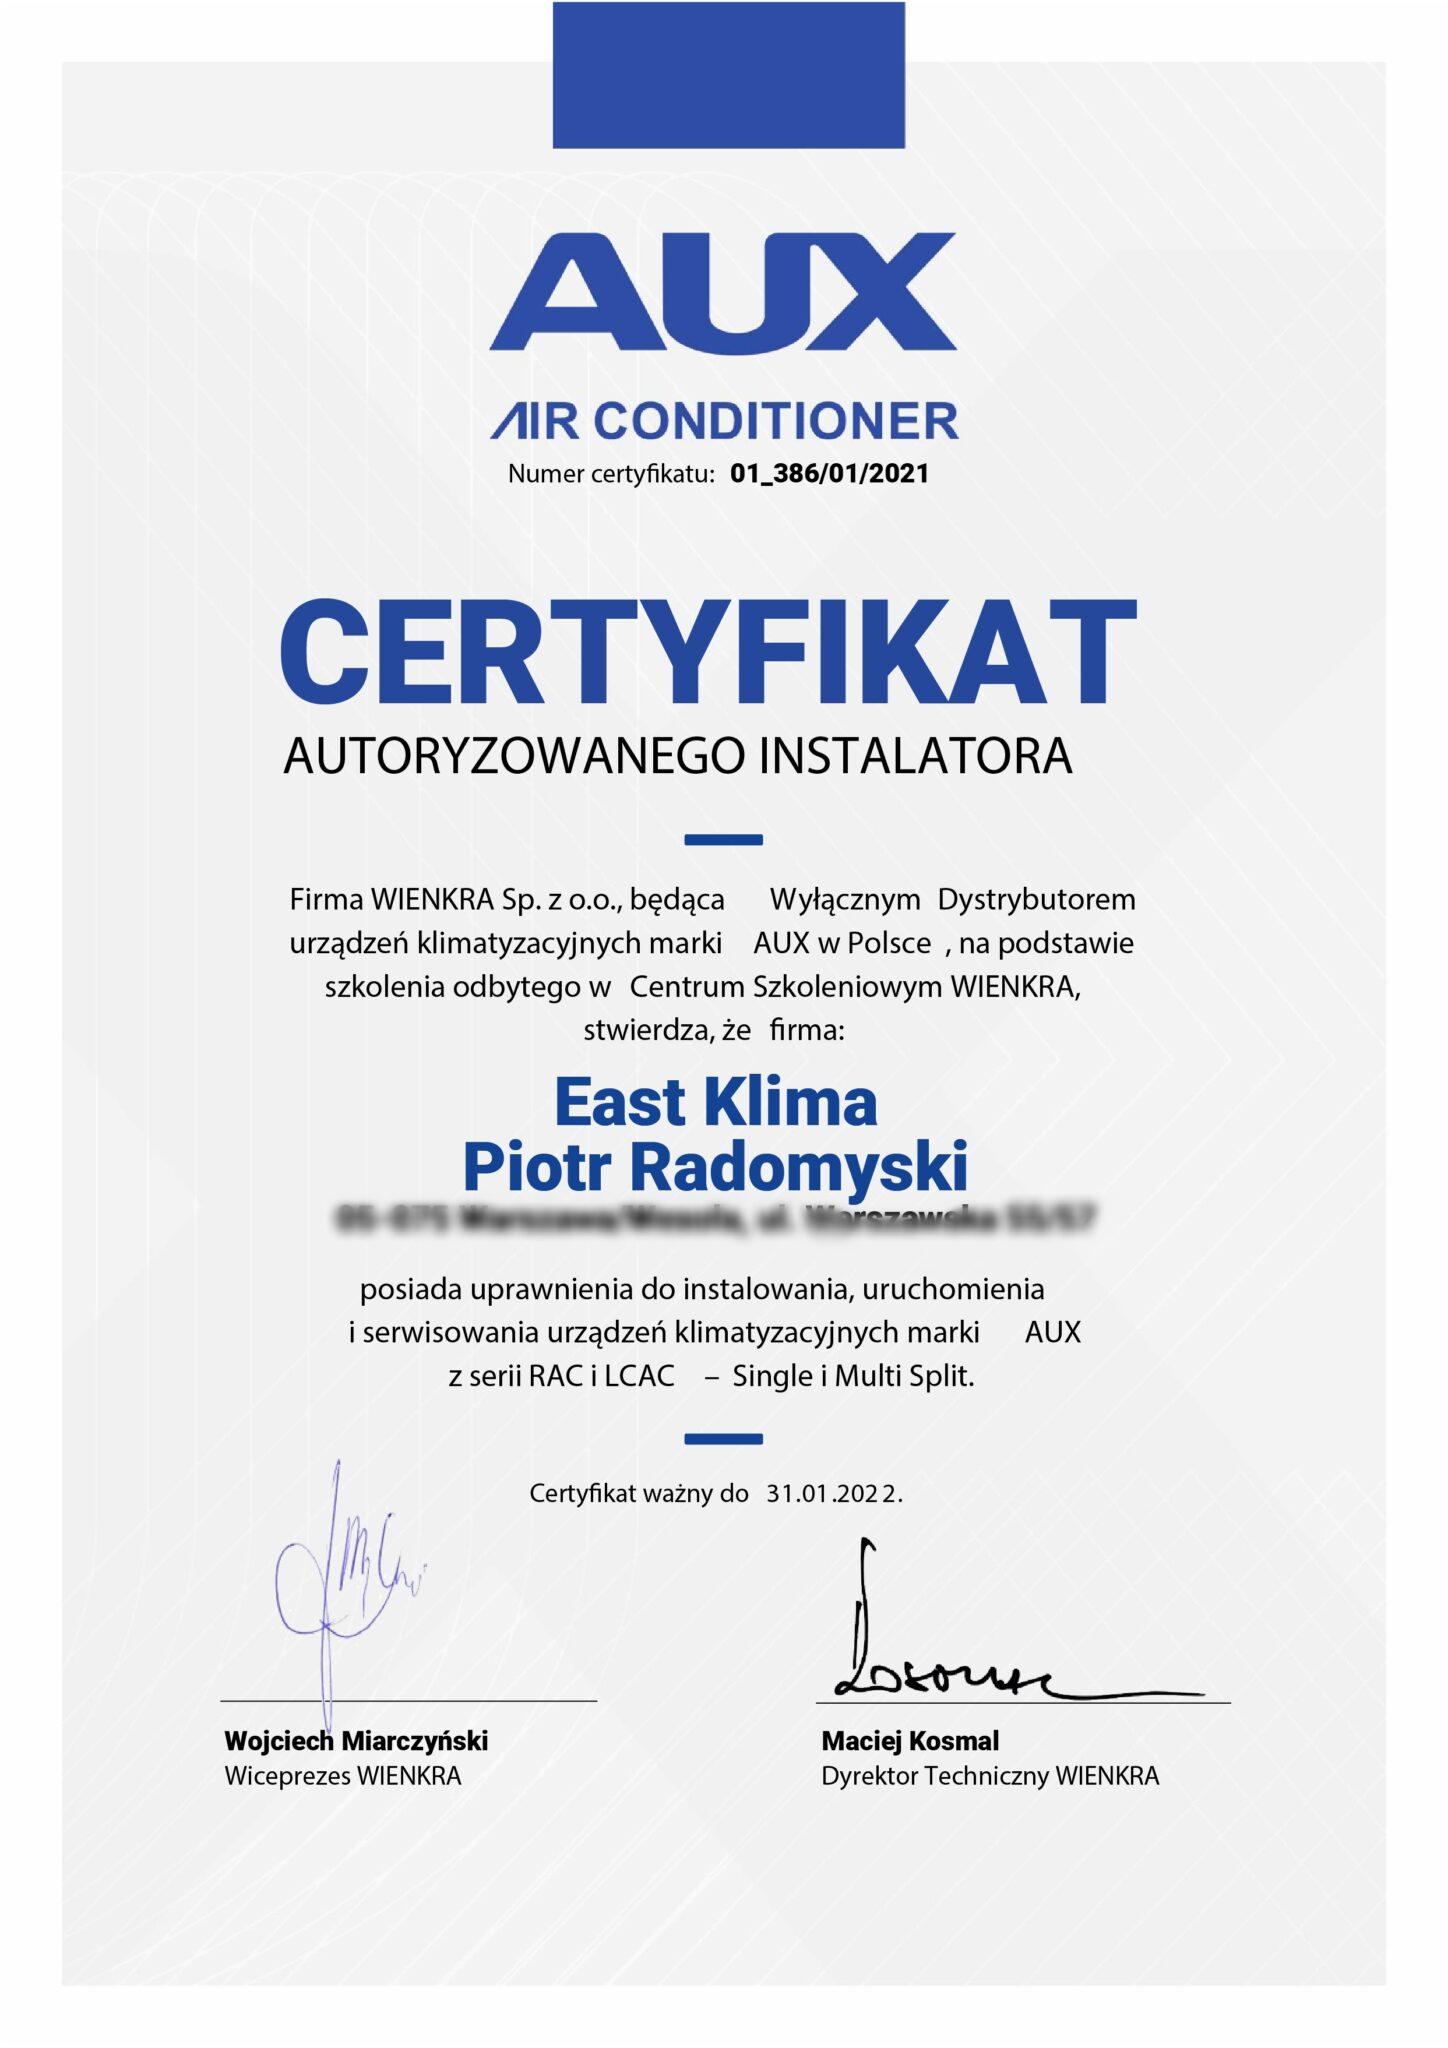 aux-certyfikat-autoryzacyjny-386-EASTKLIMA